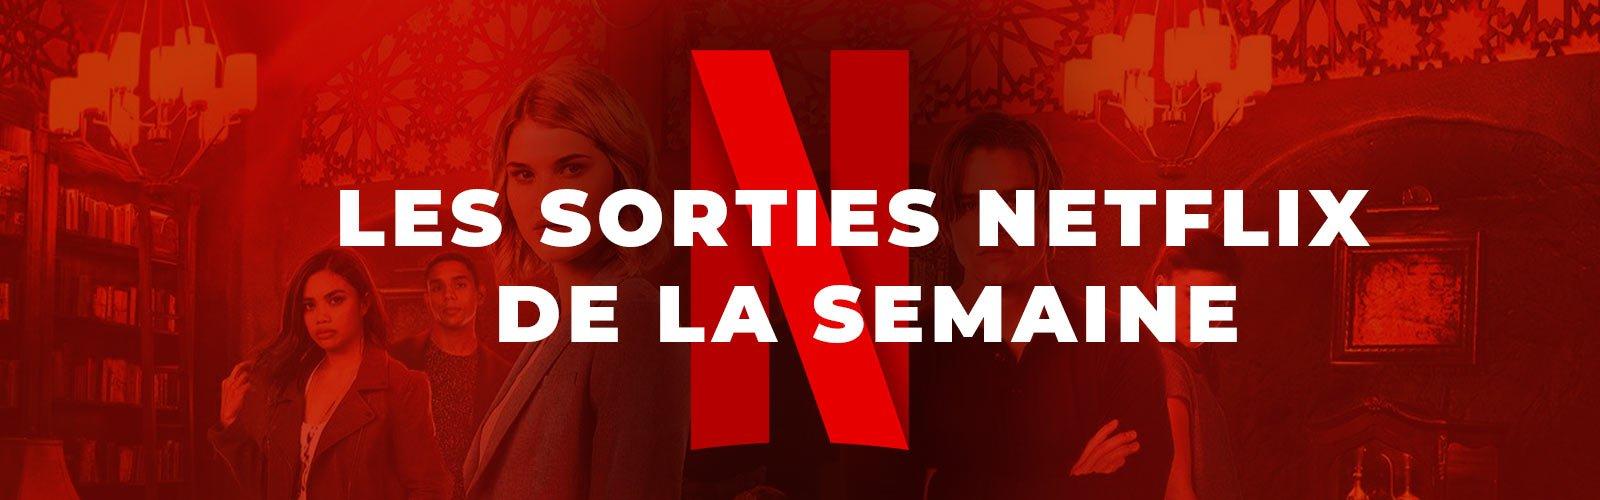 Cover sorties netflix 10